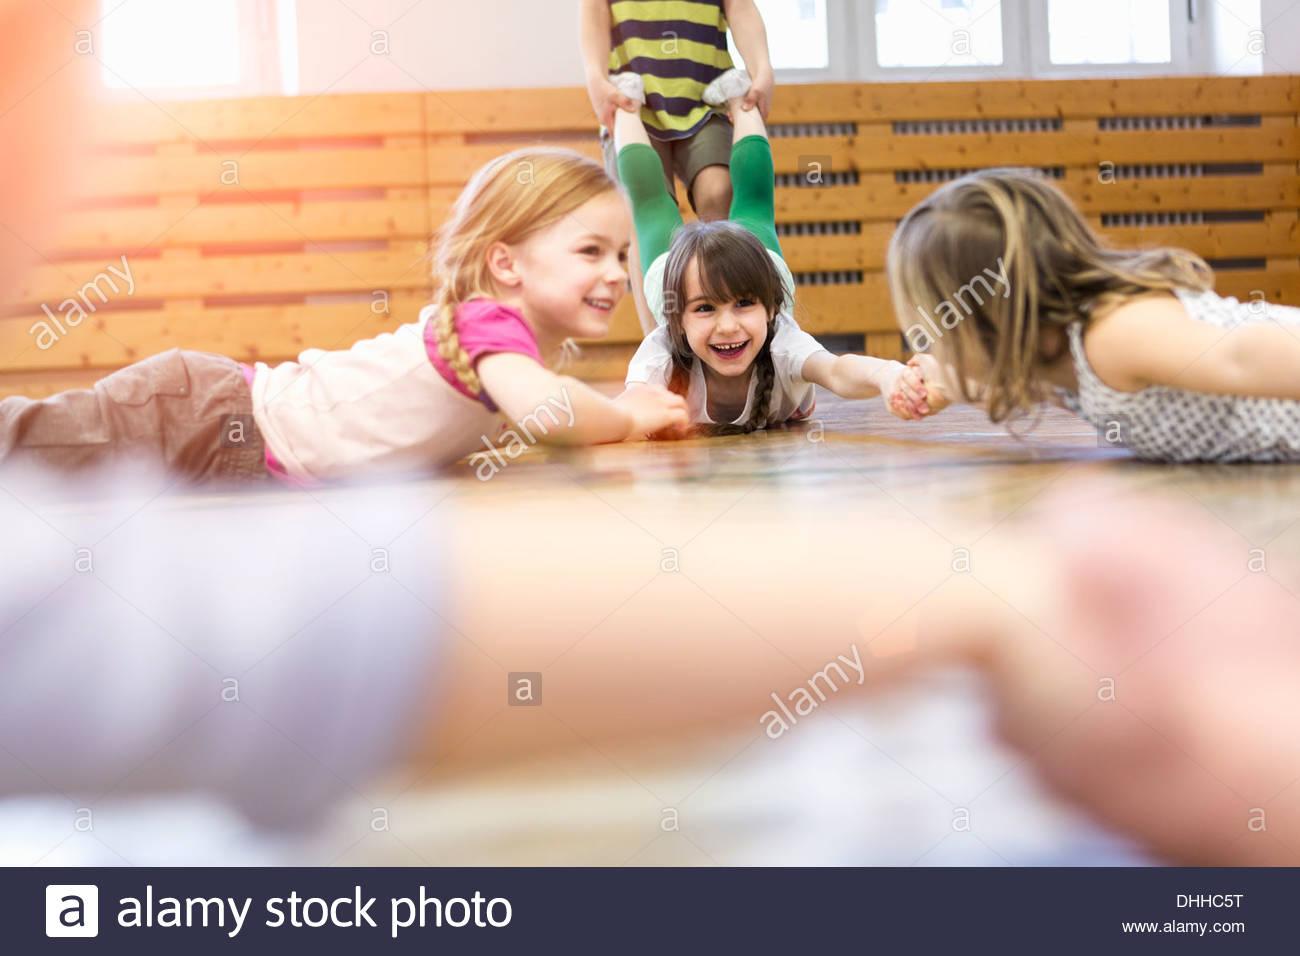 Les enfants couchés sur fronts jouer jeu tirant Photo Stock